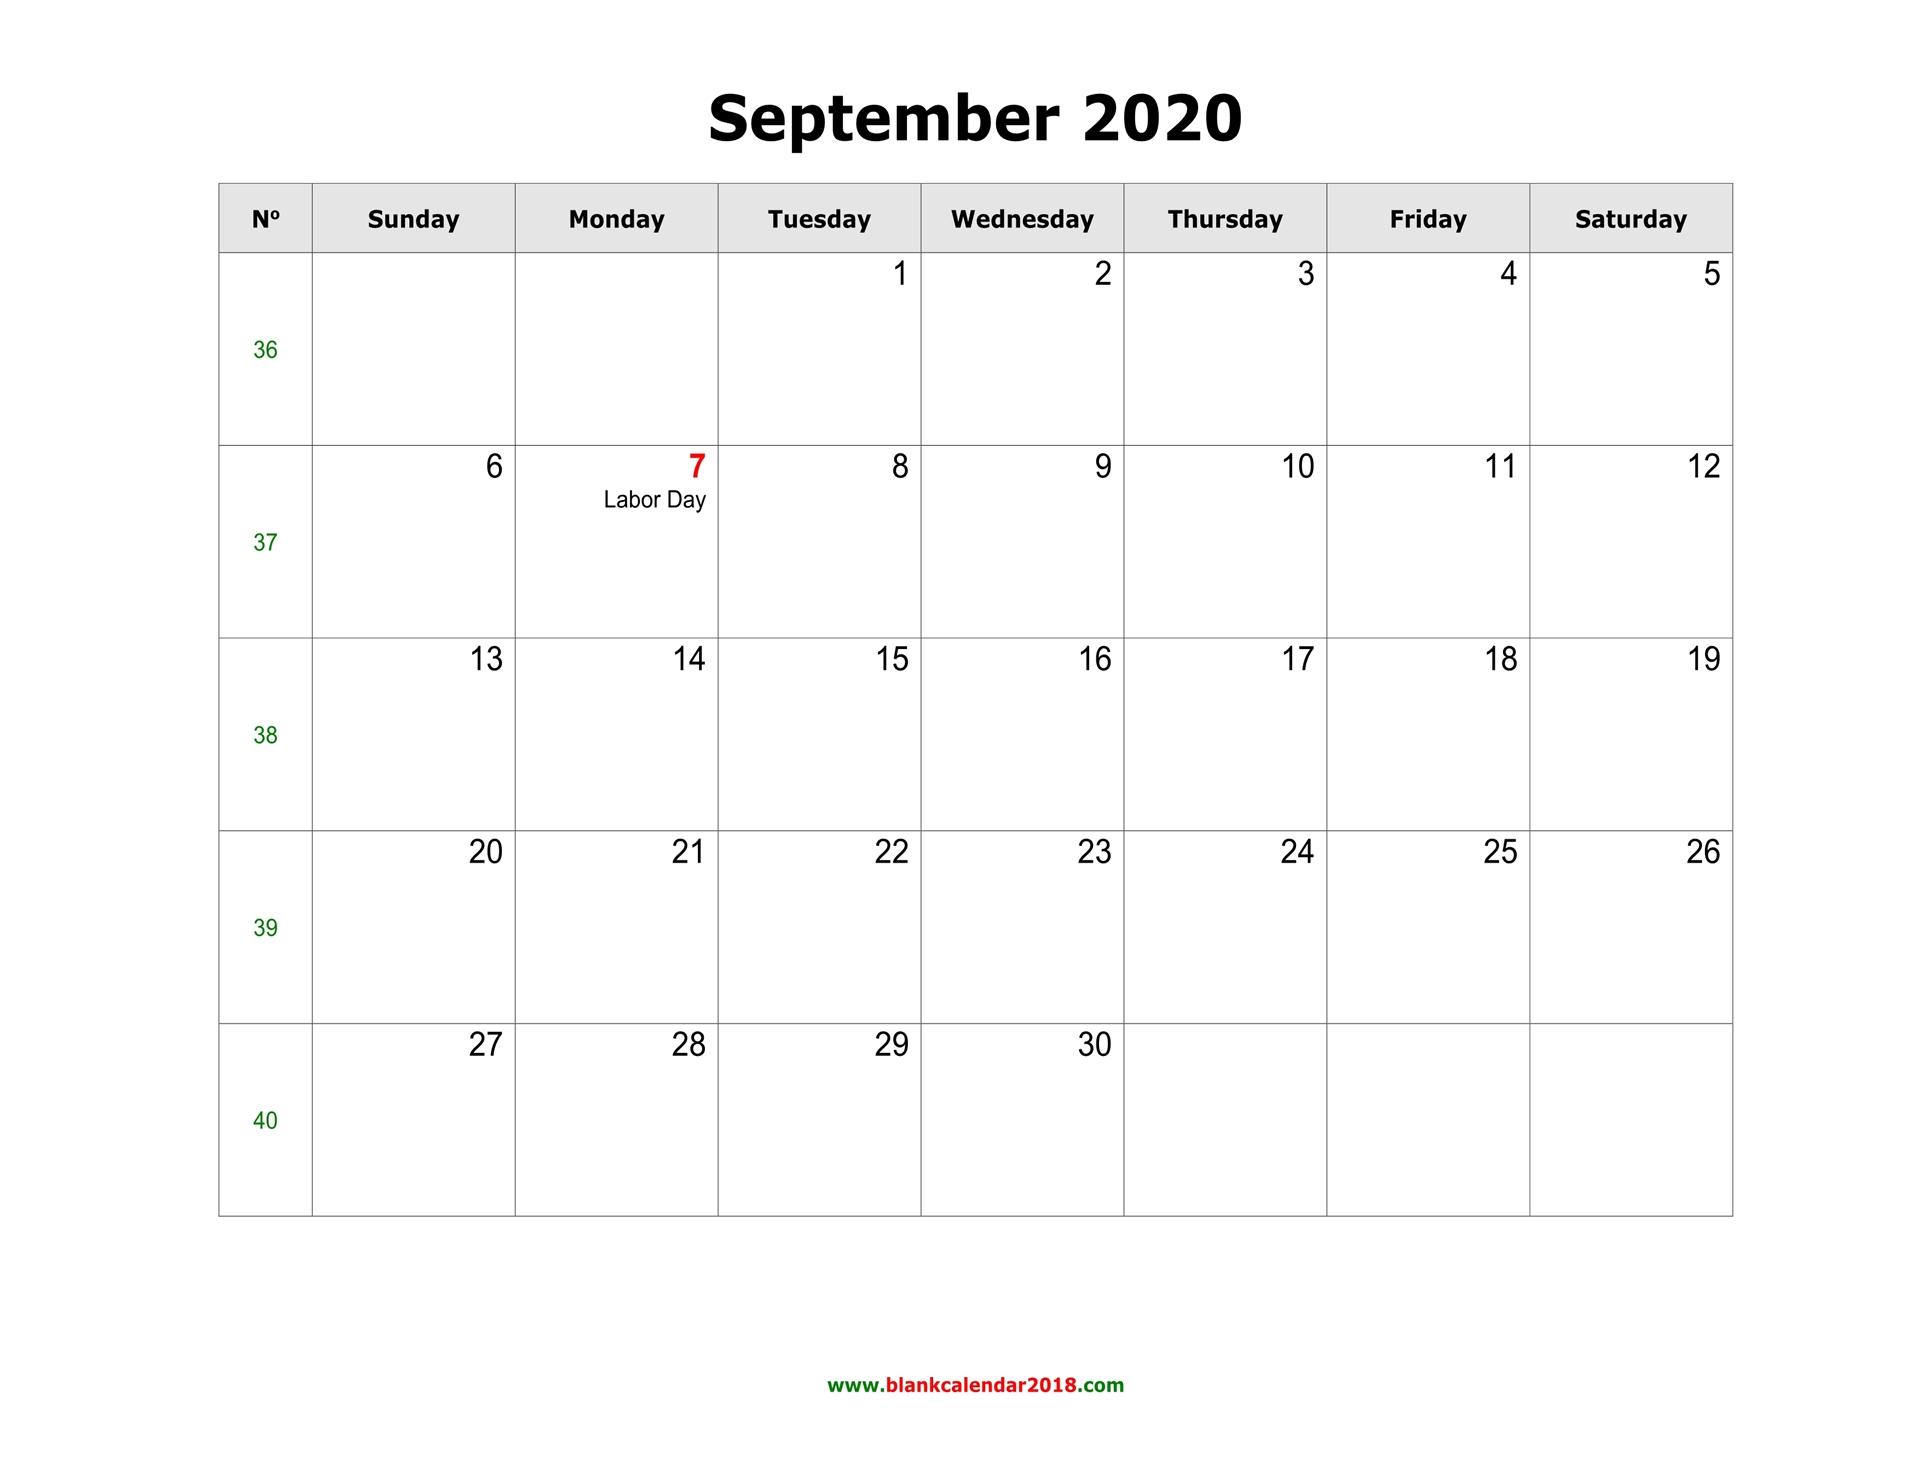 Blank Calendar For September 2020 inside September Fill In Calendar 2020